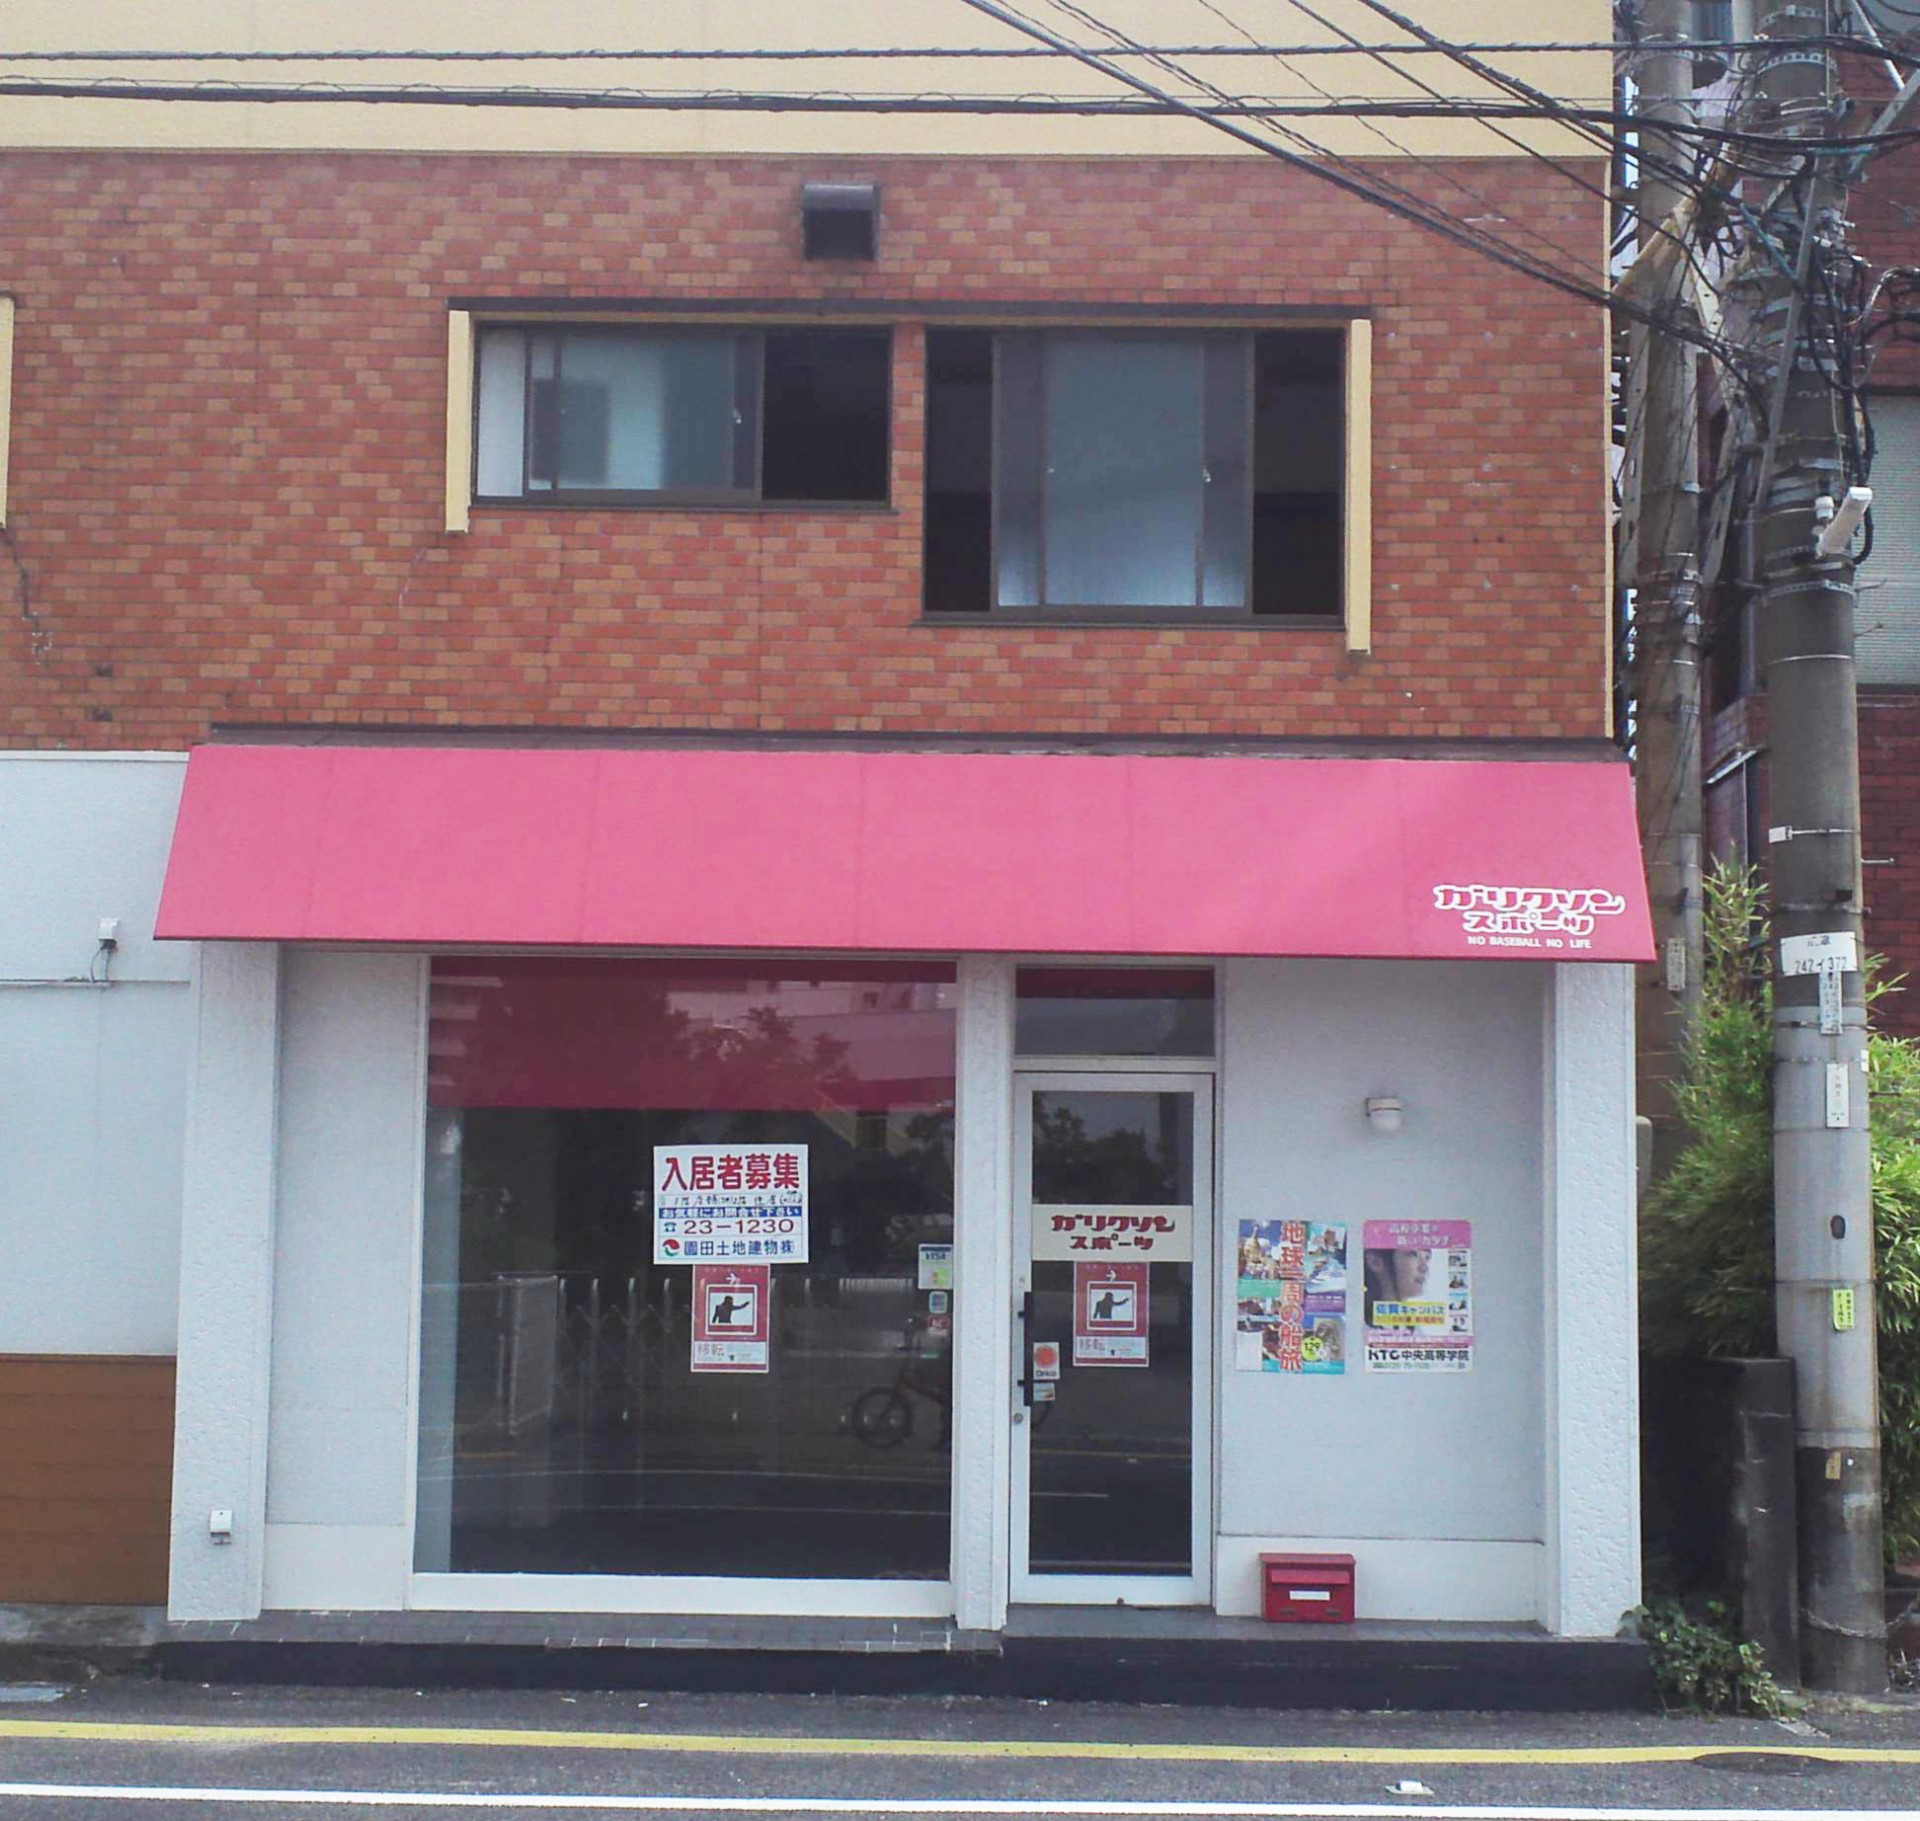 白い壁と赤いオーニングがお店の顔になりそうなファサード。